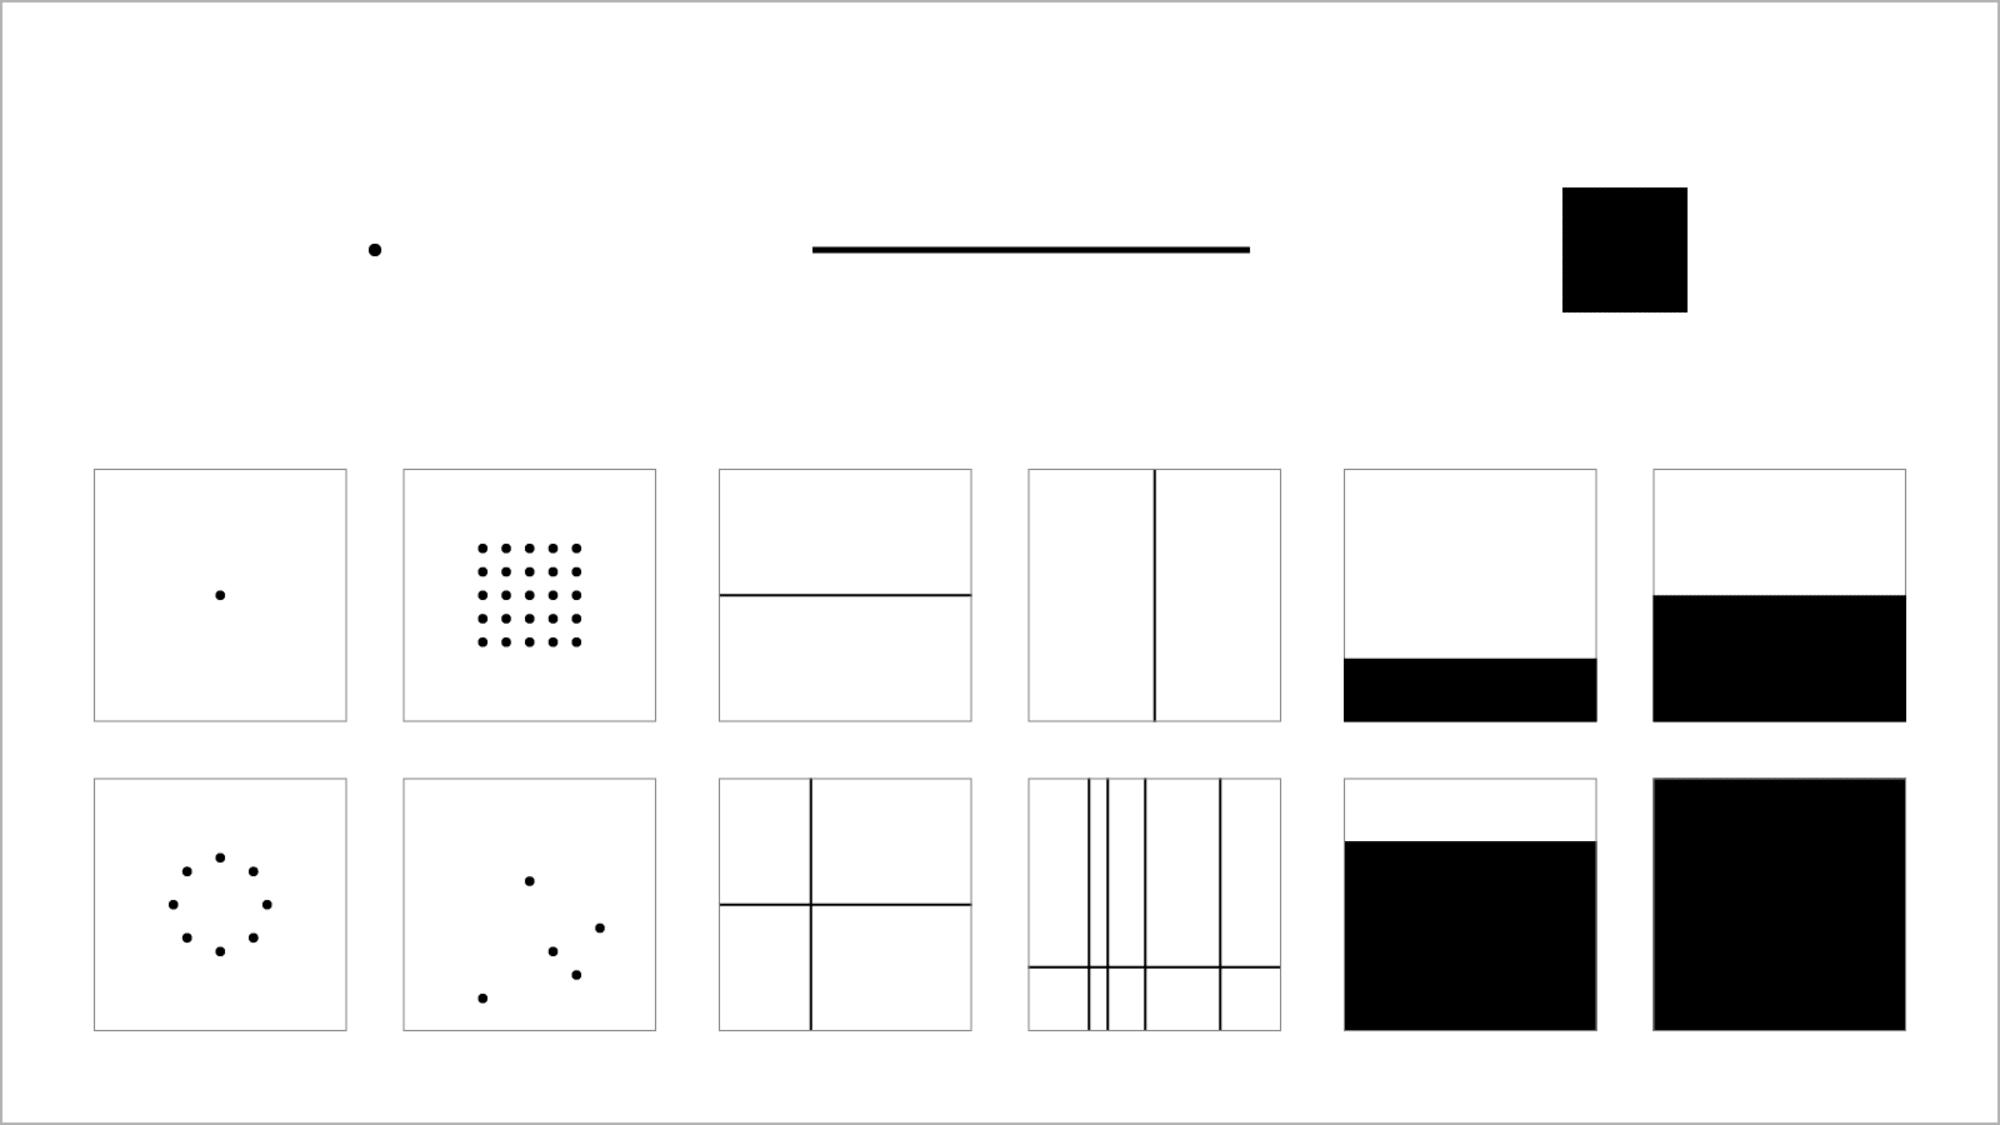 Grammaire visuelle : les points, les lignes et les plans